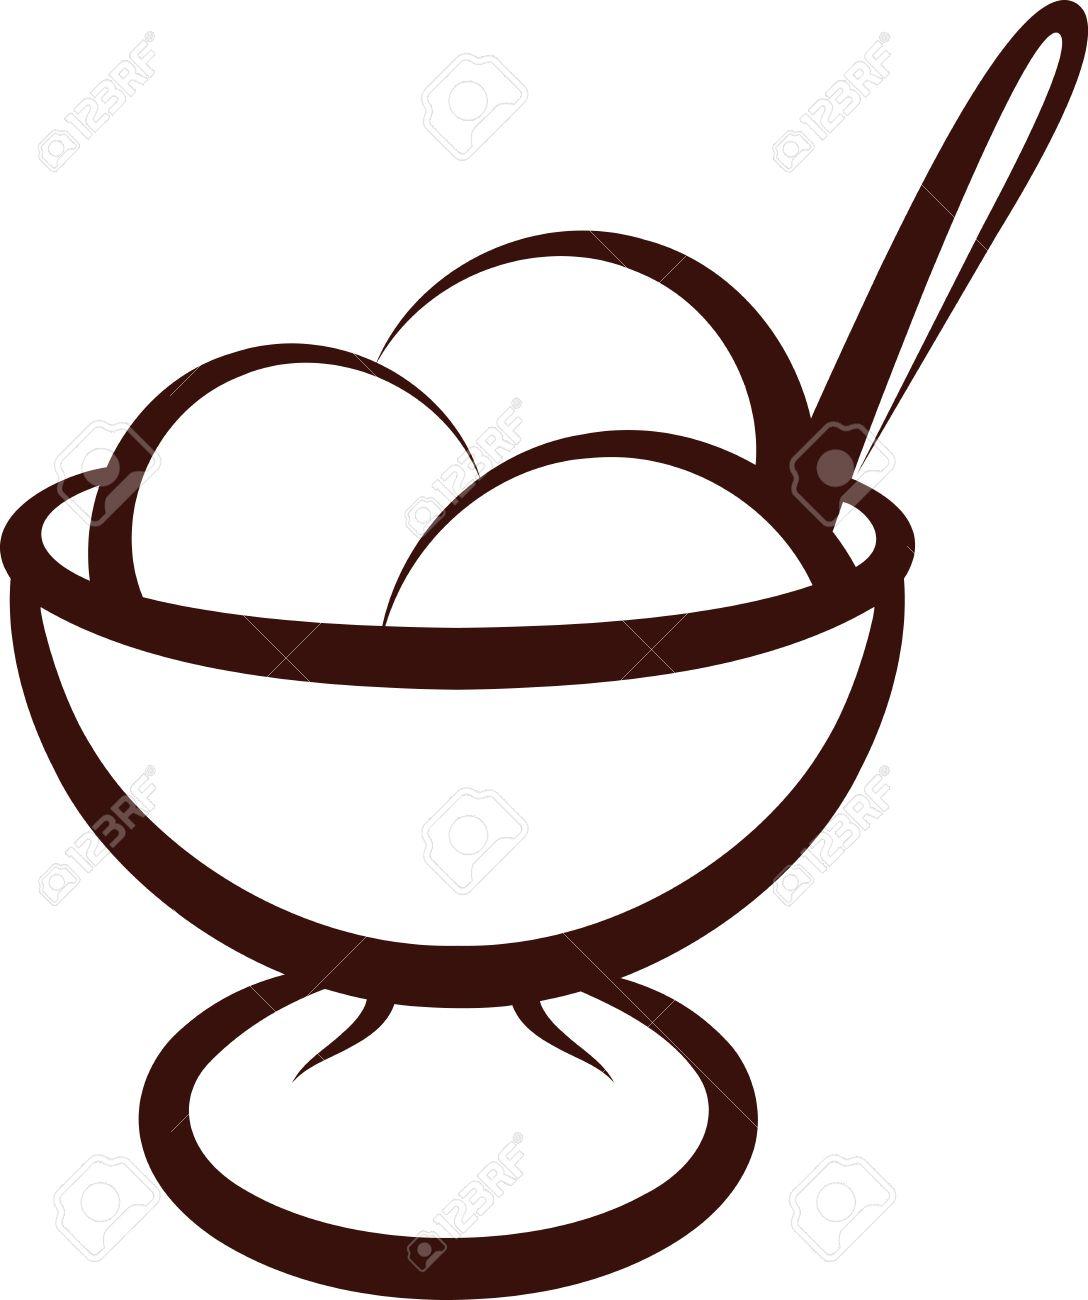 Best Ice Cream Bowl Clipart #29371.